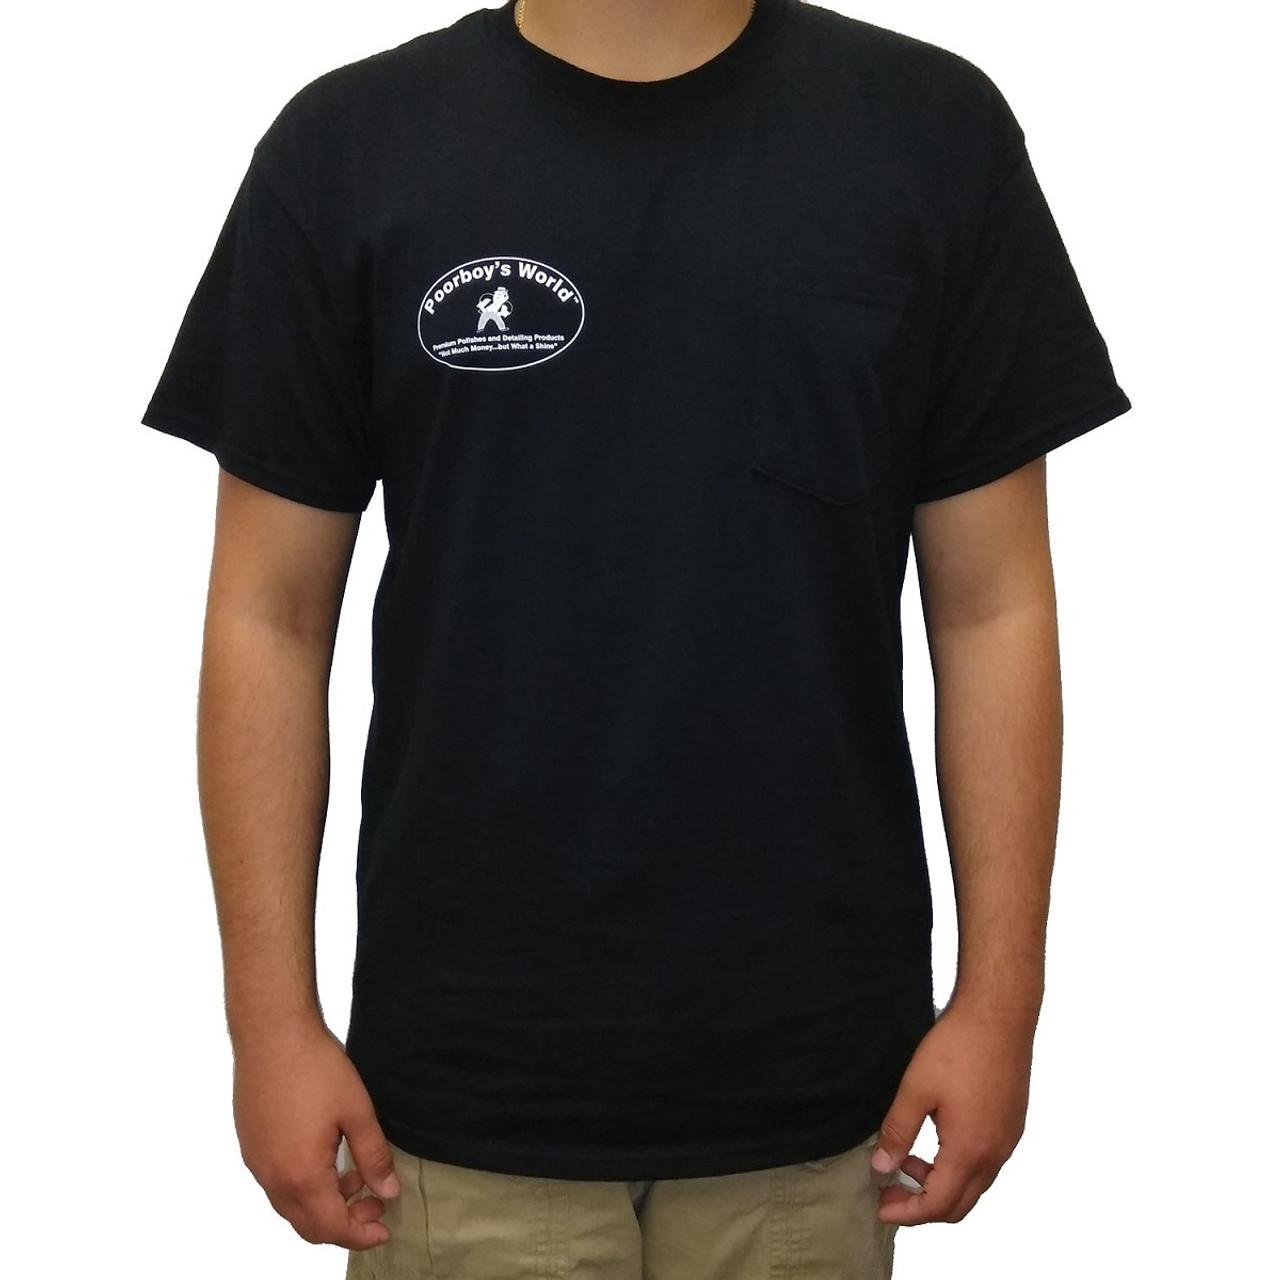 Poorboy's World Black T-Shirt w/ Pocket - Large - Front